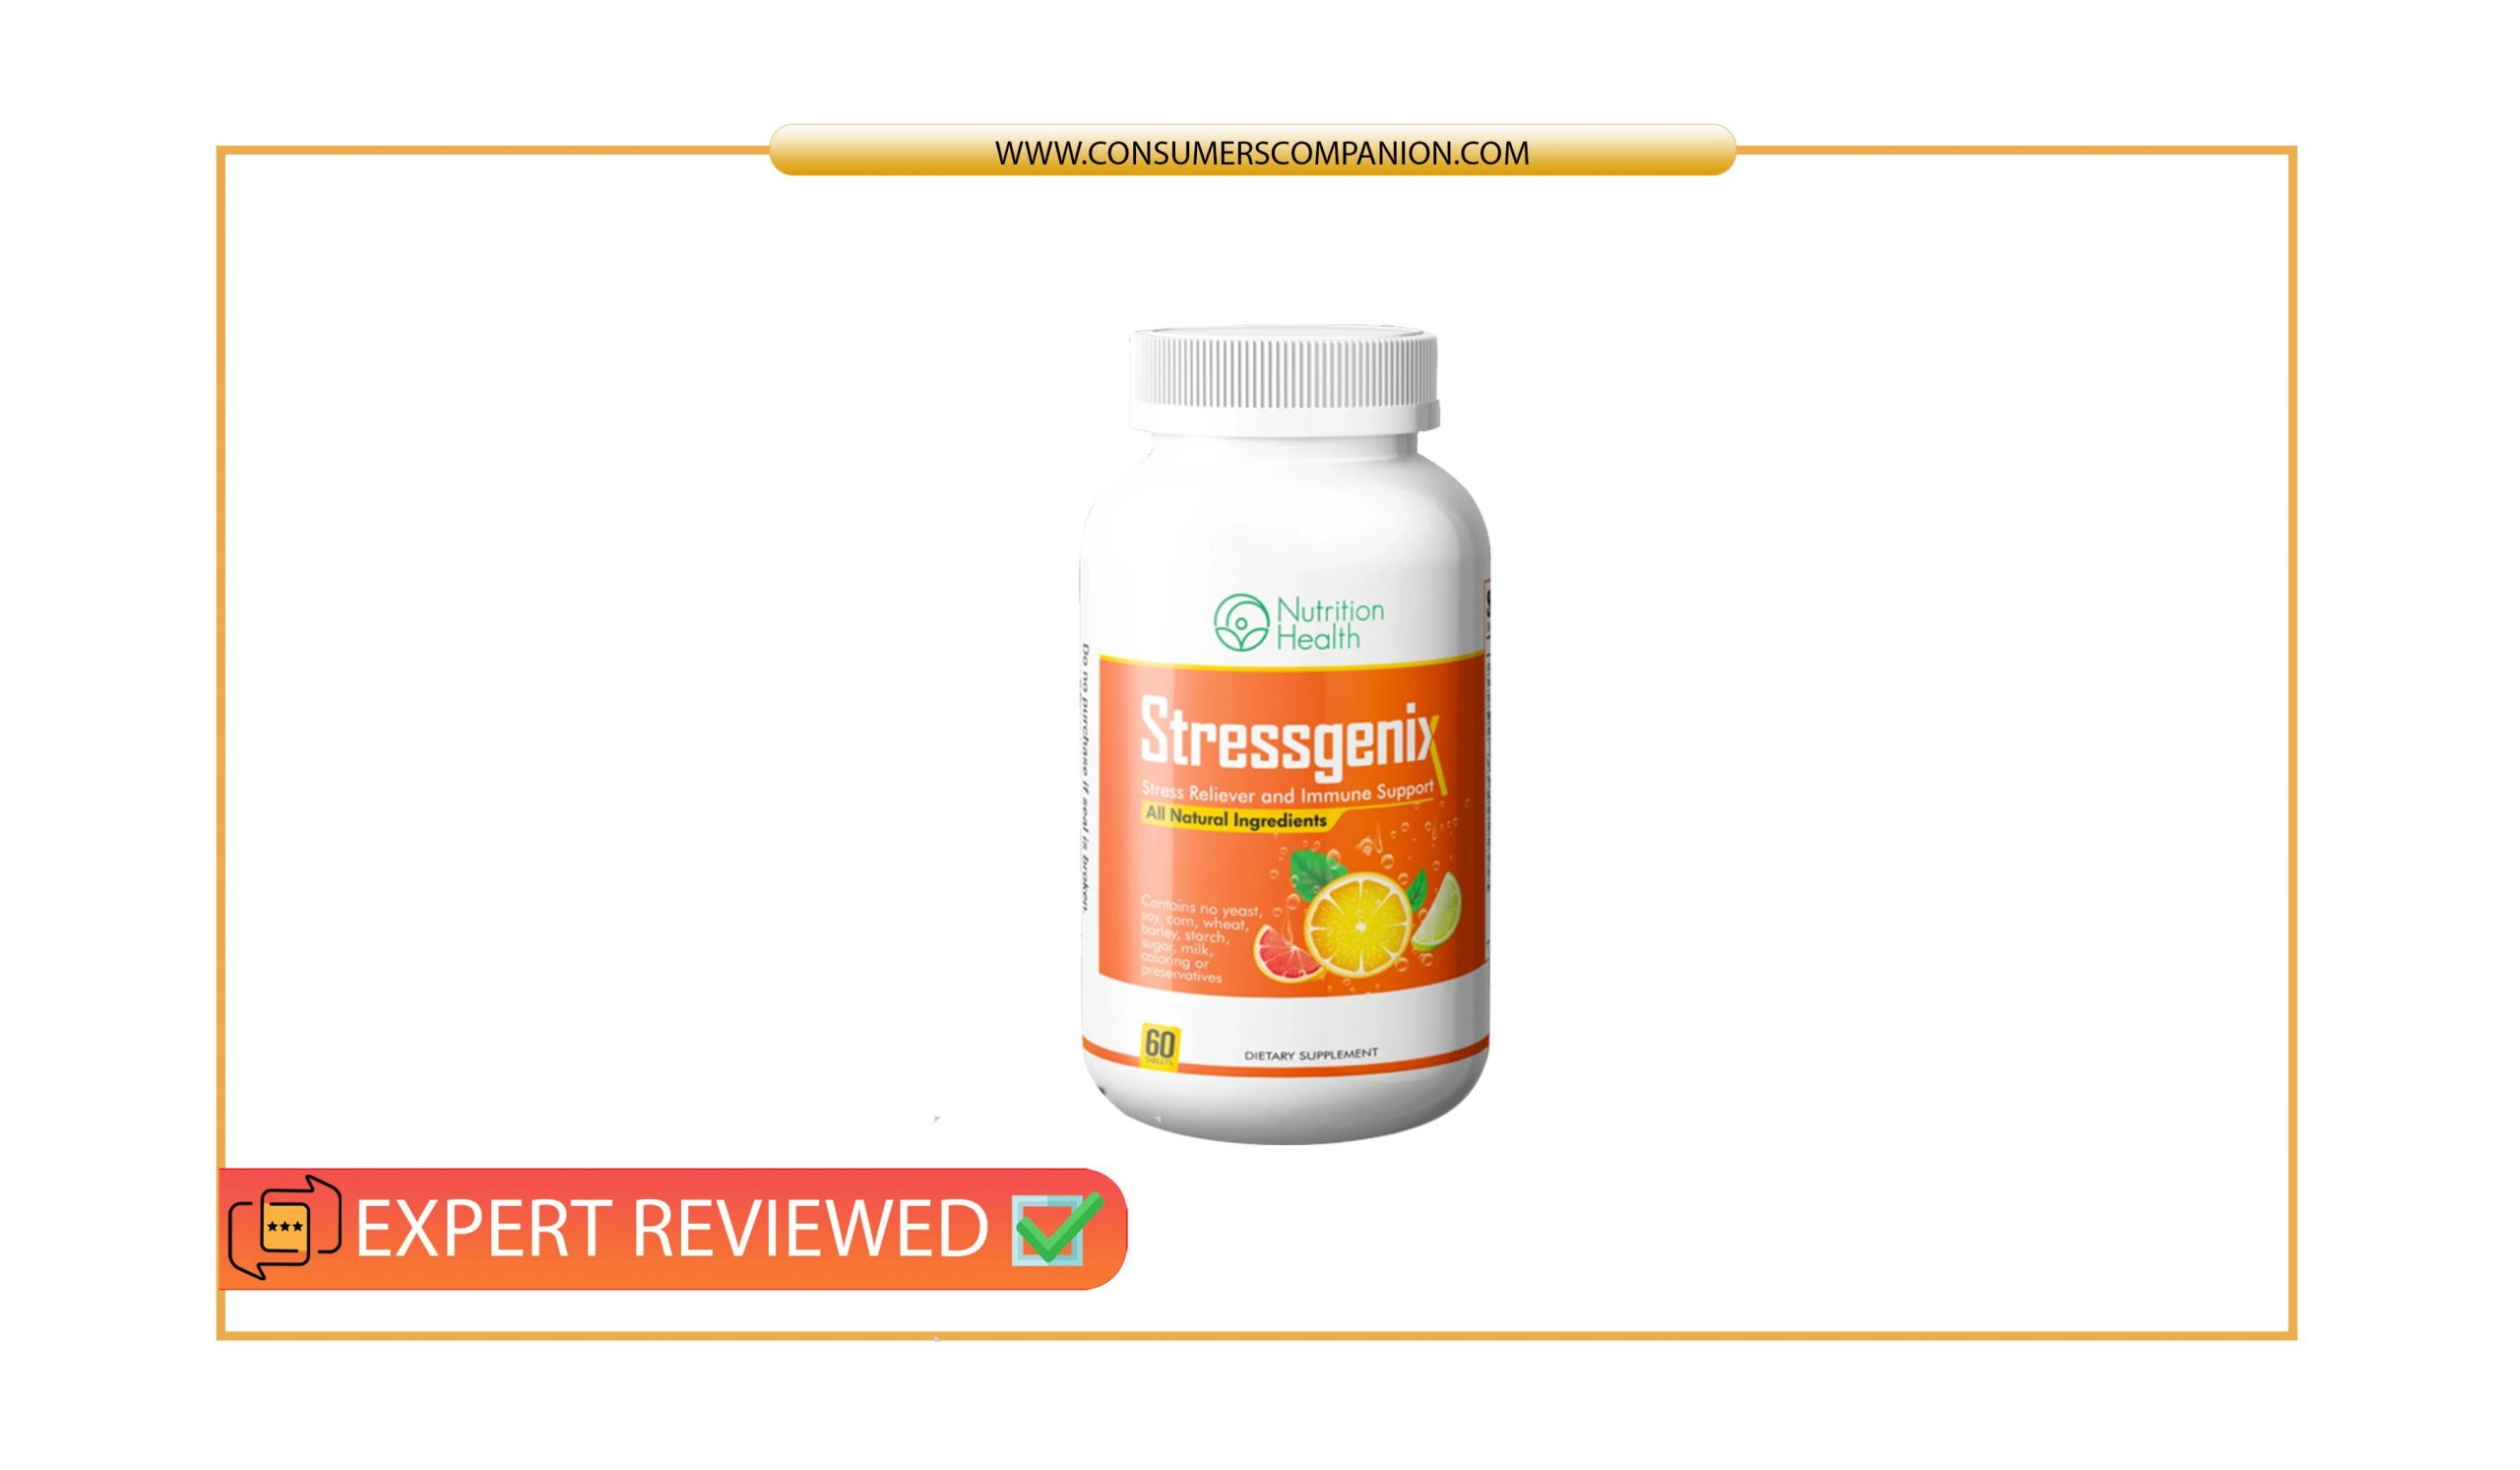 Stressgenix Reviews